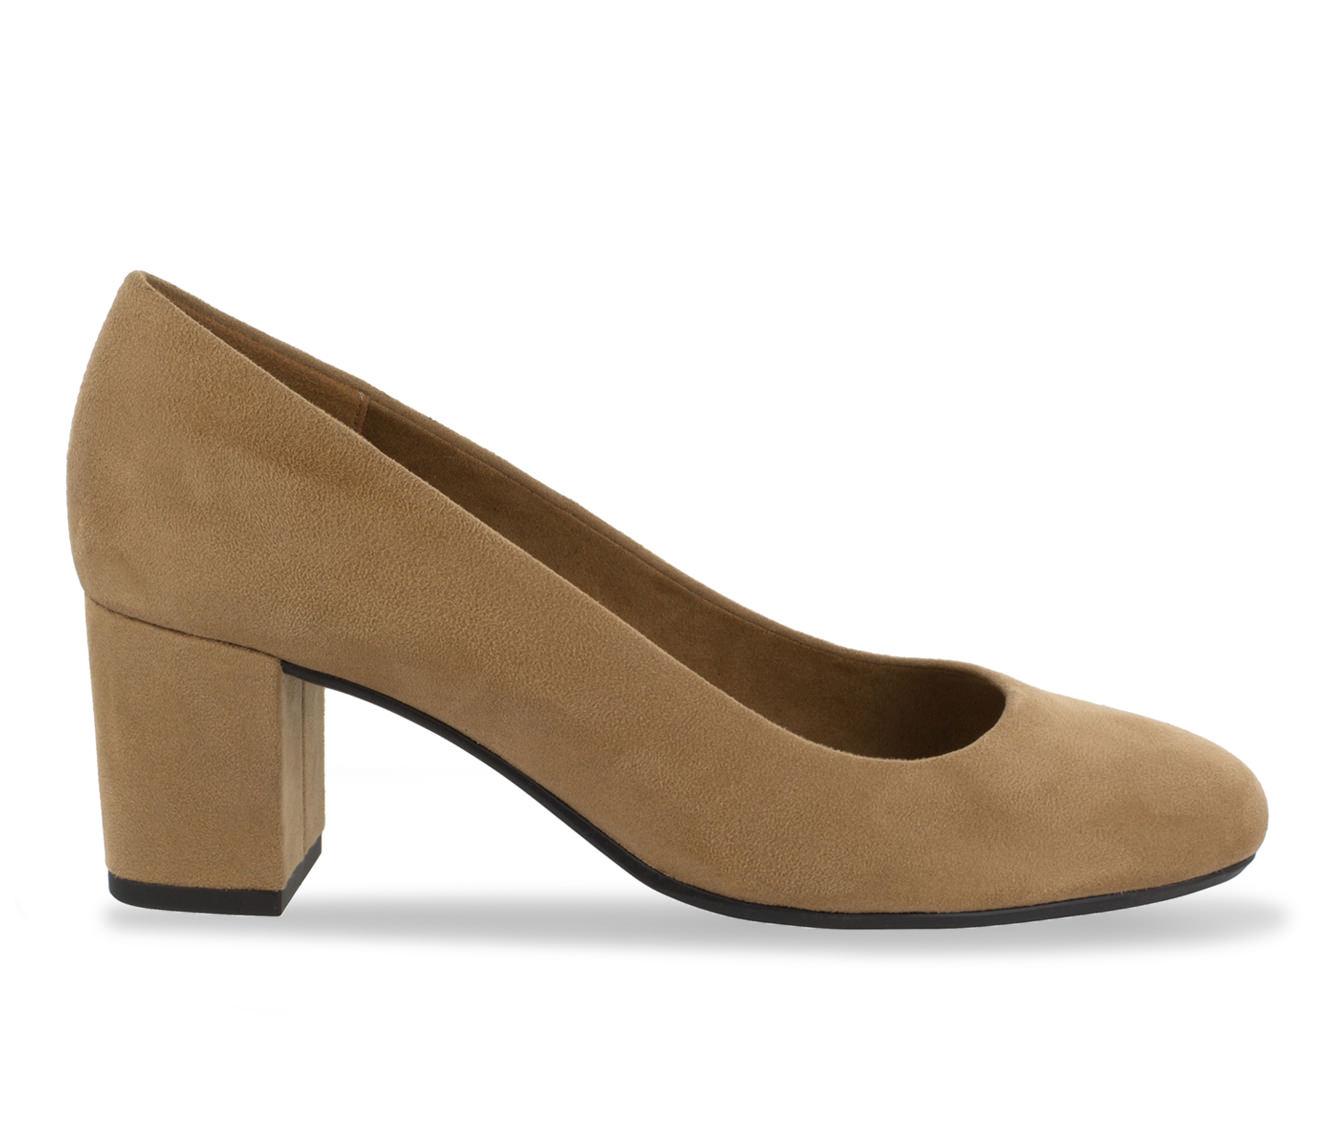 Easy Street Proper Women's Dress Shoe (Beige Canvas)